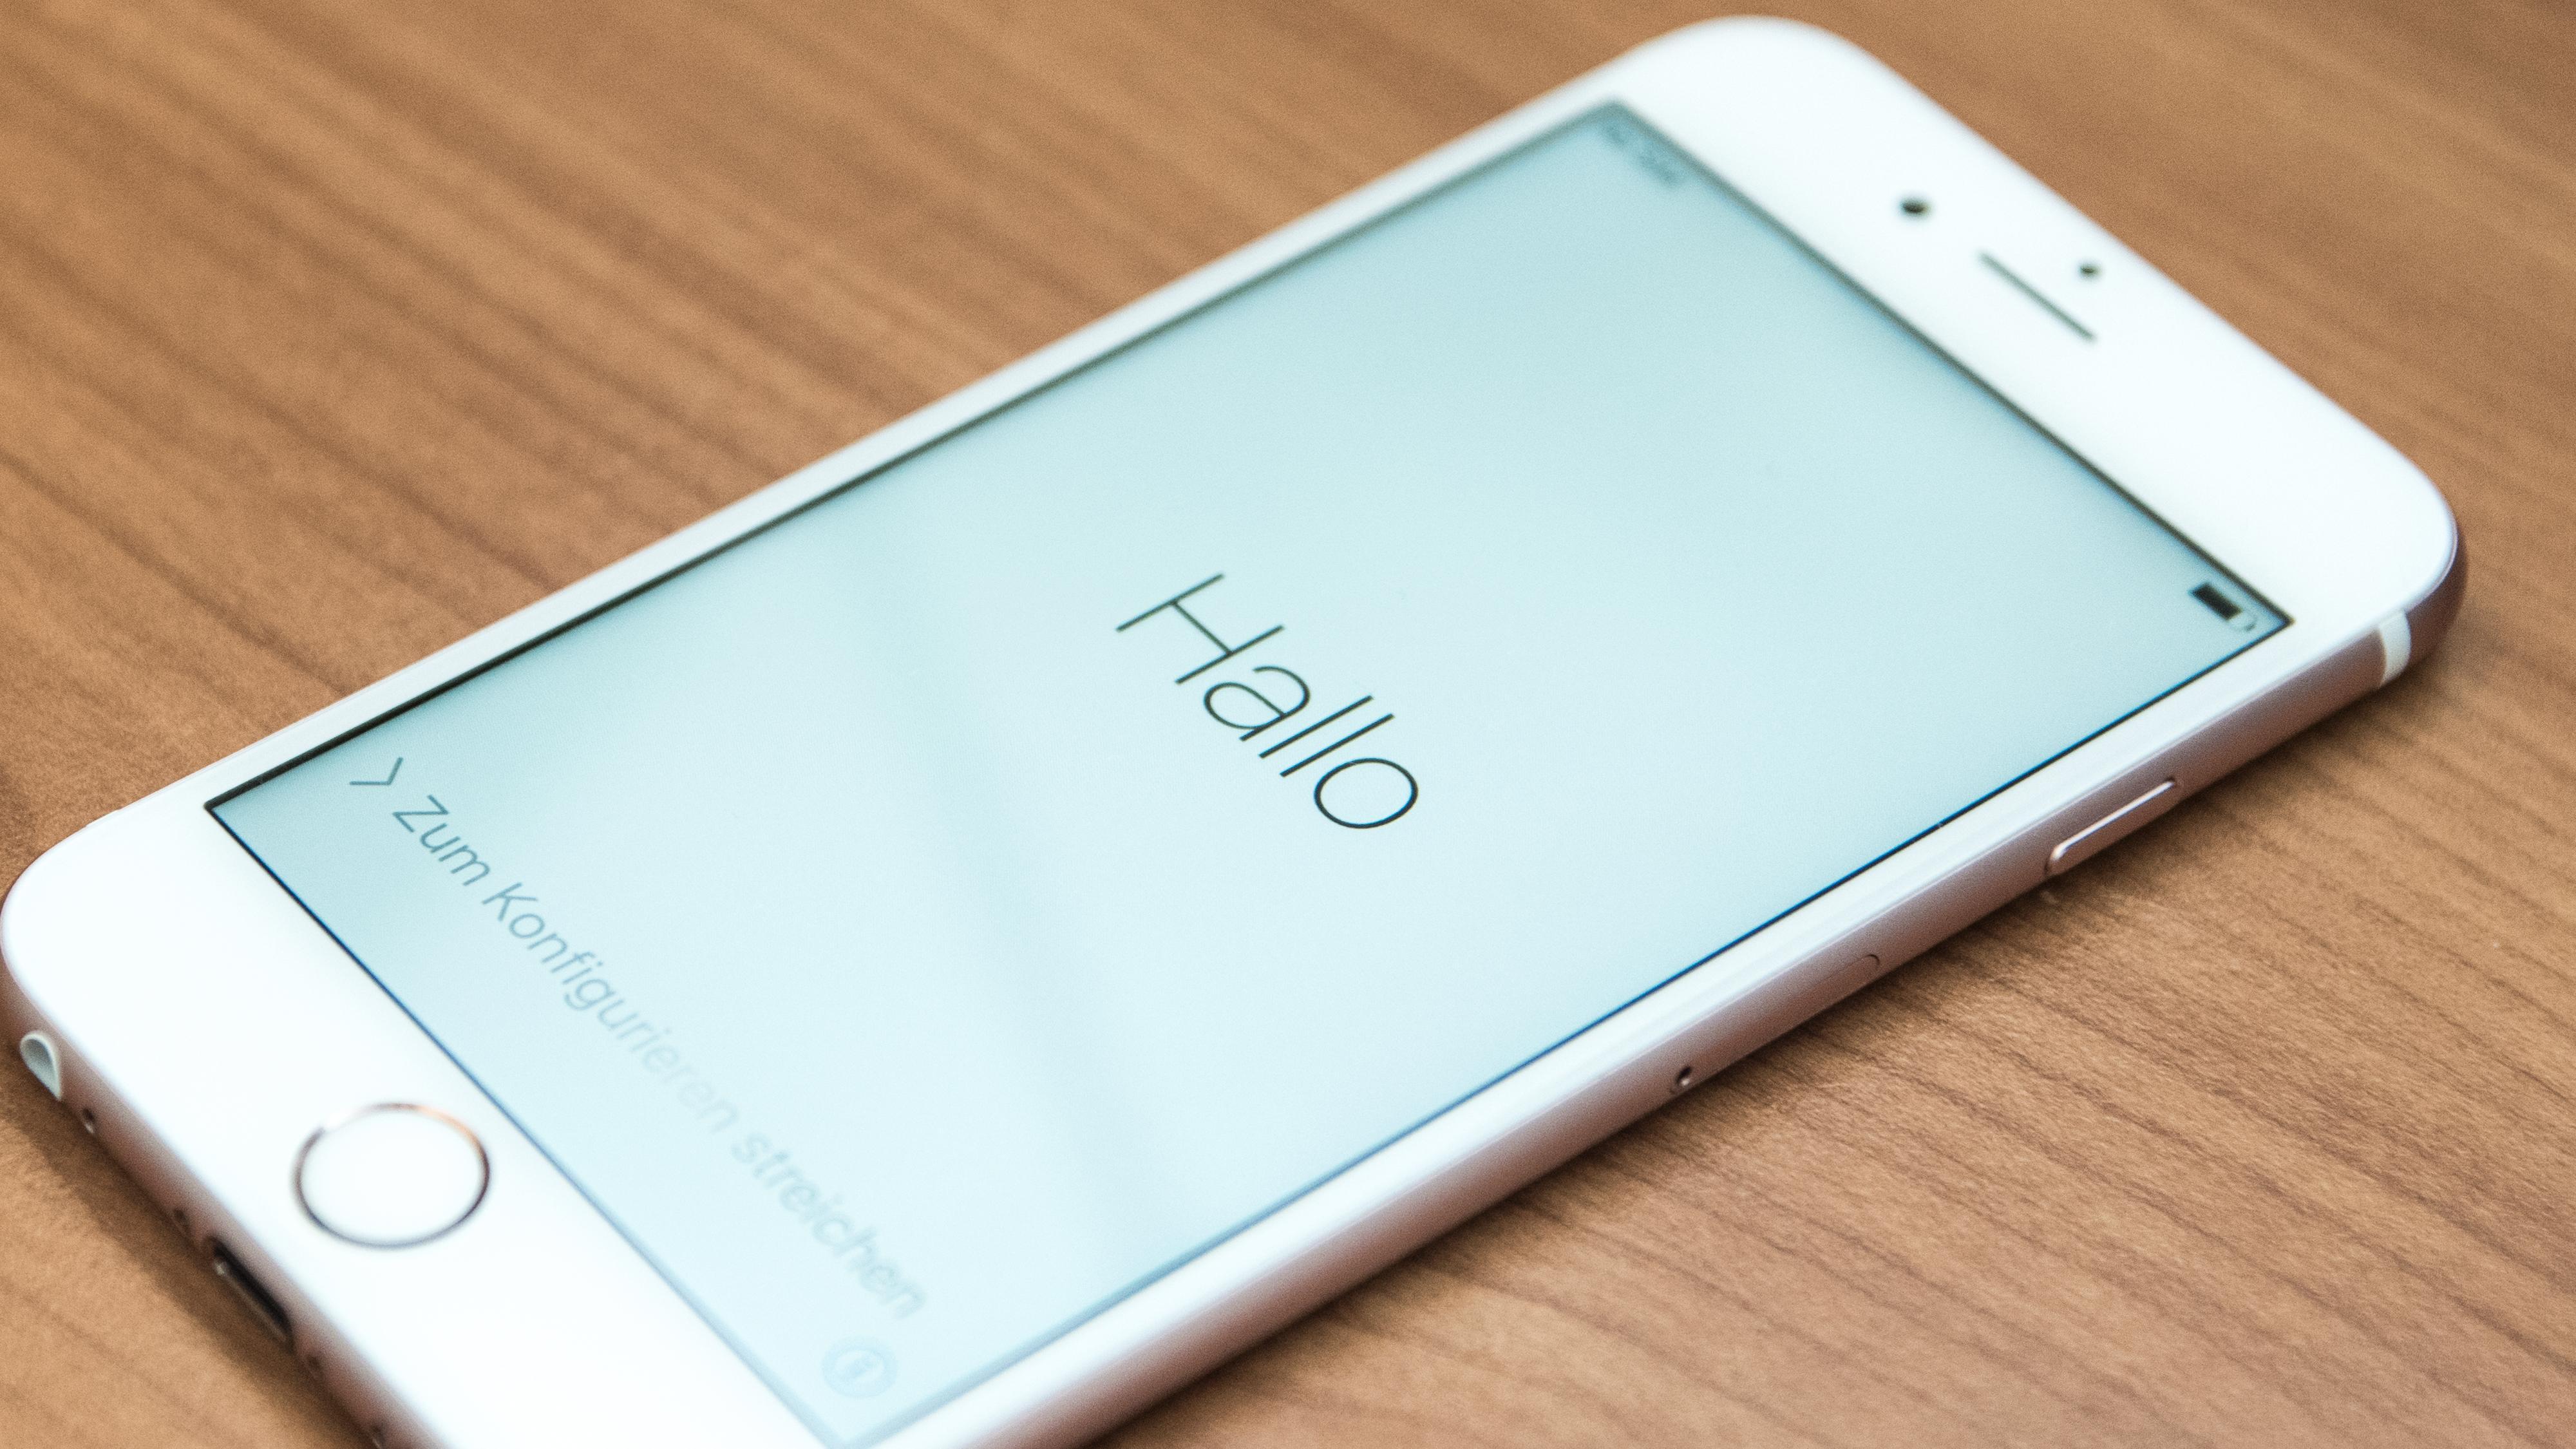 iPhone 6s kan plutselig slå seg av på grunn av problem med batteriet